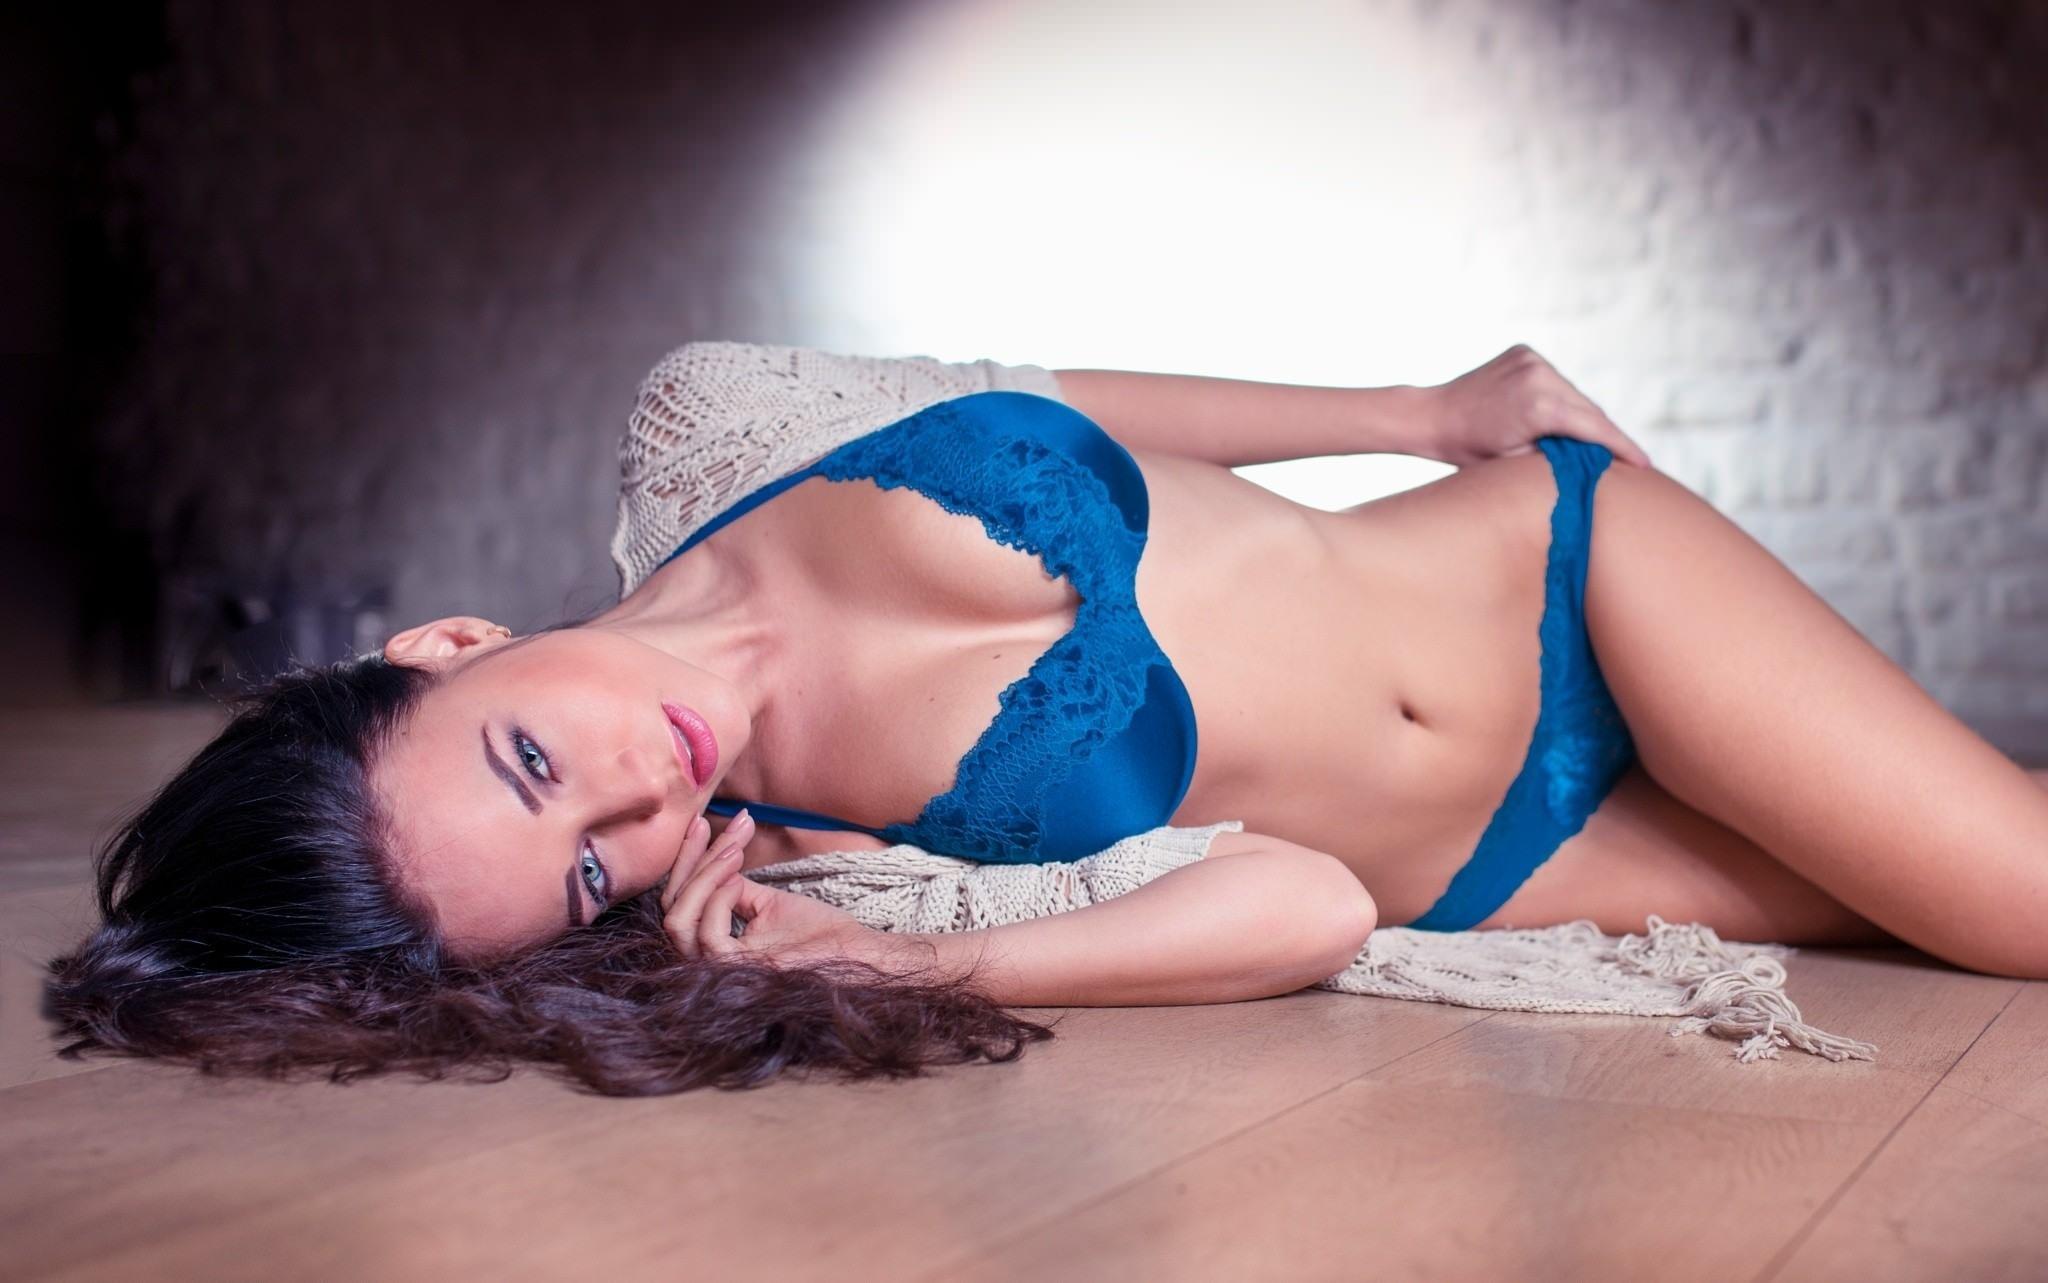 Фото Красивая девушка в синем нижнем белье на полу, красивое тело, паркет, скачать картинку бесплатно